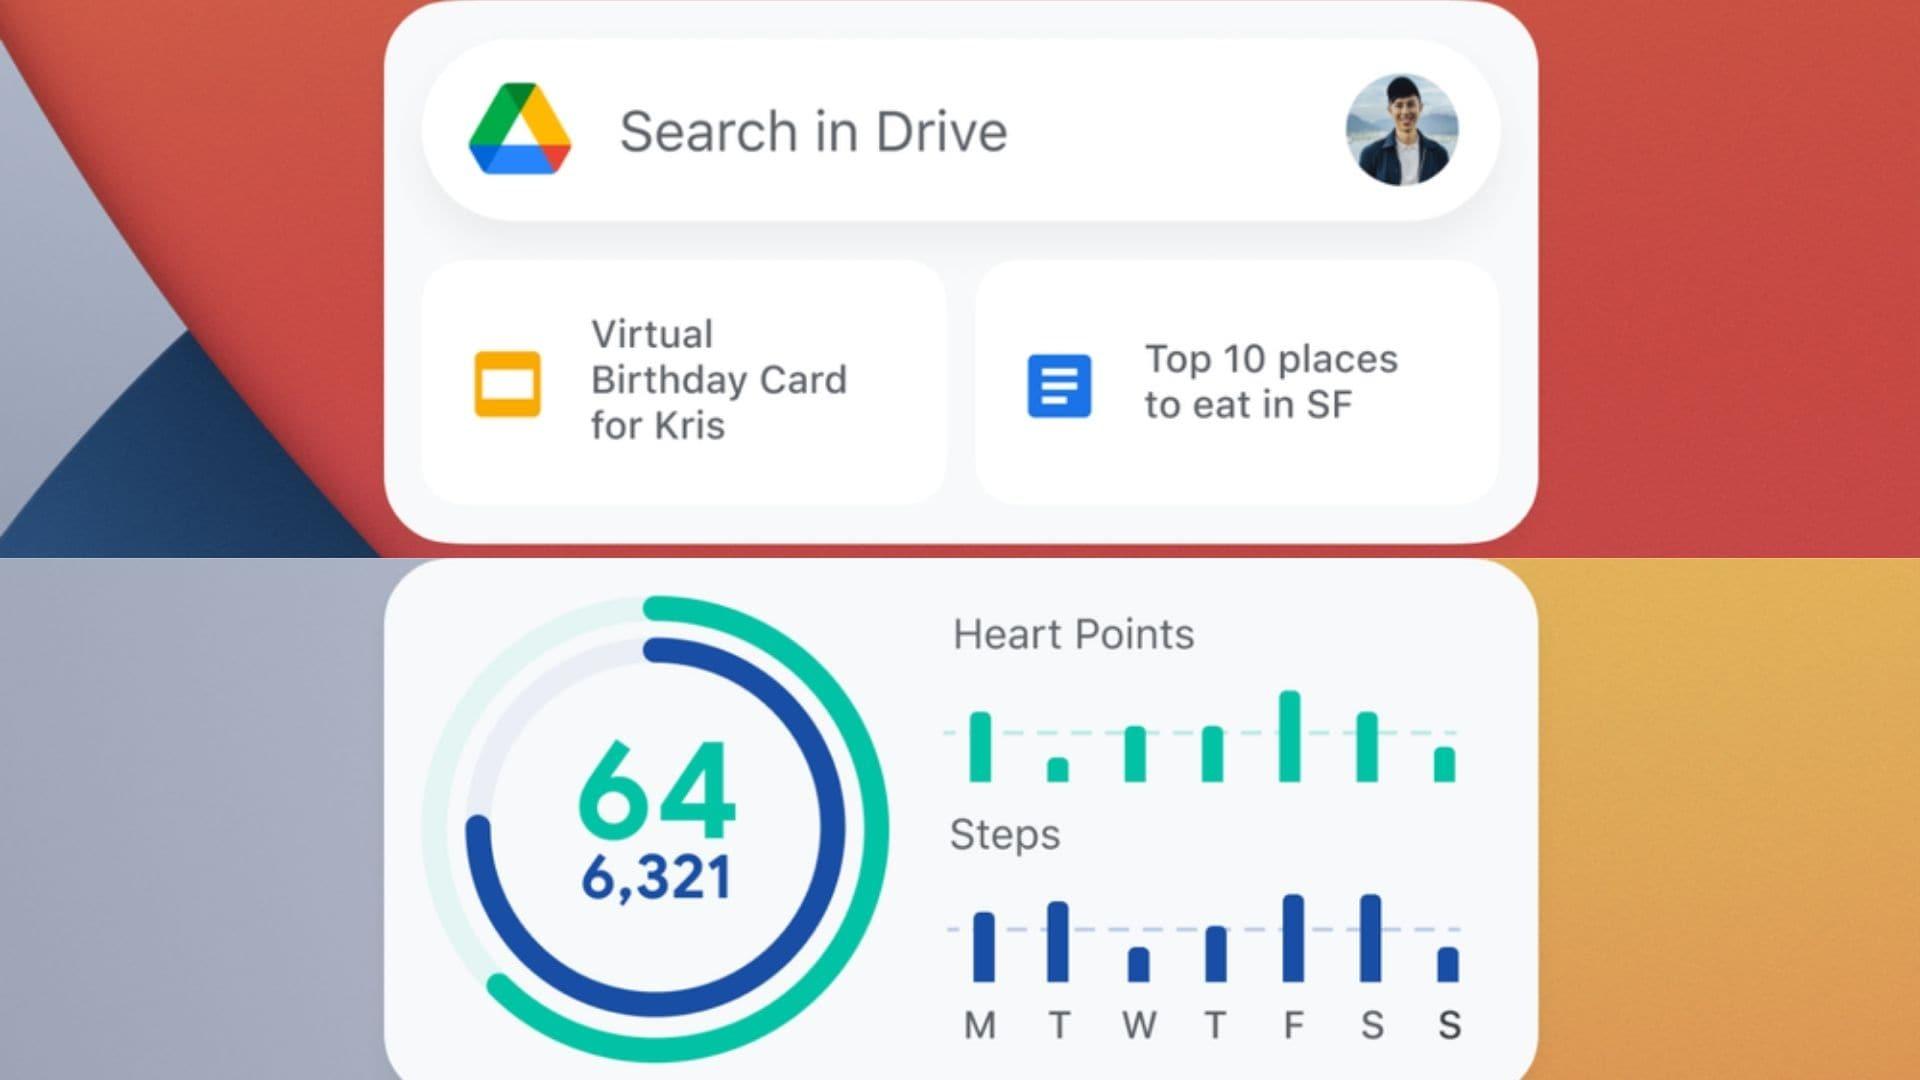 Google Drive, Fit widgets on iOS 14.